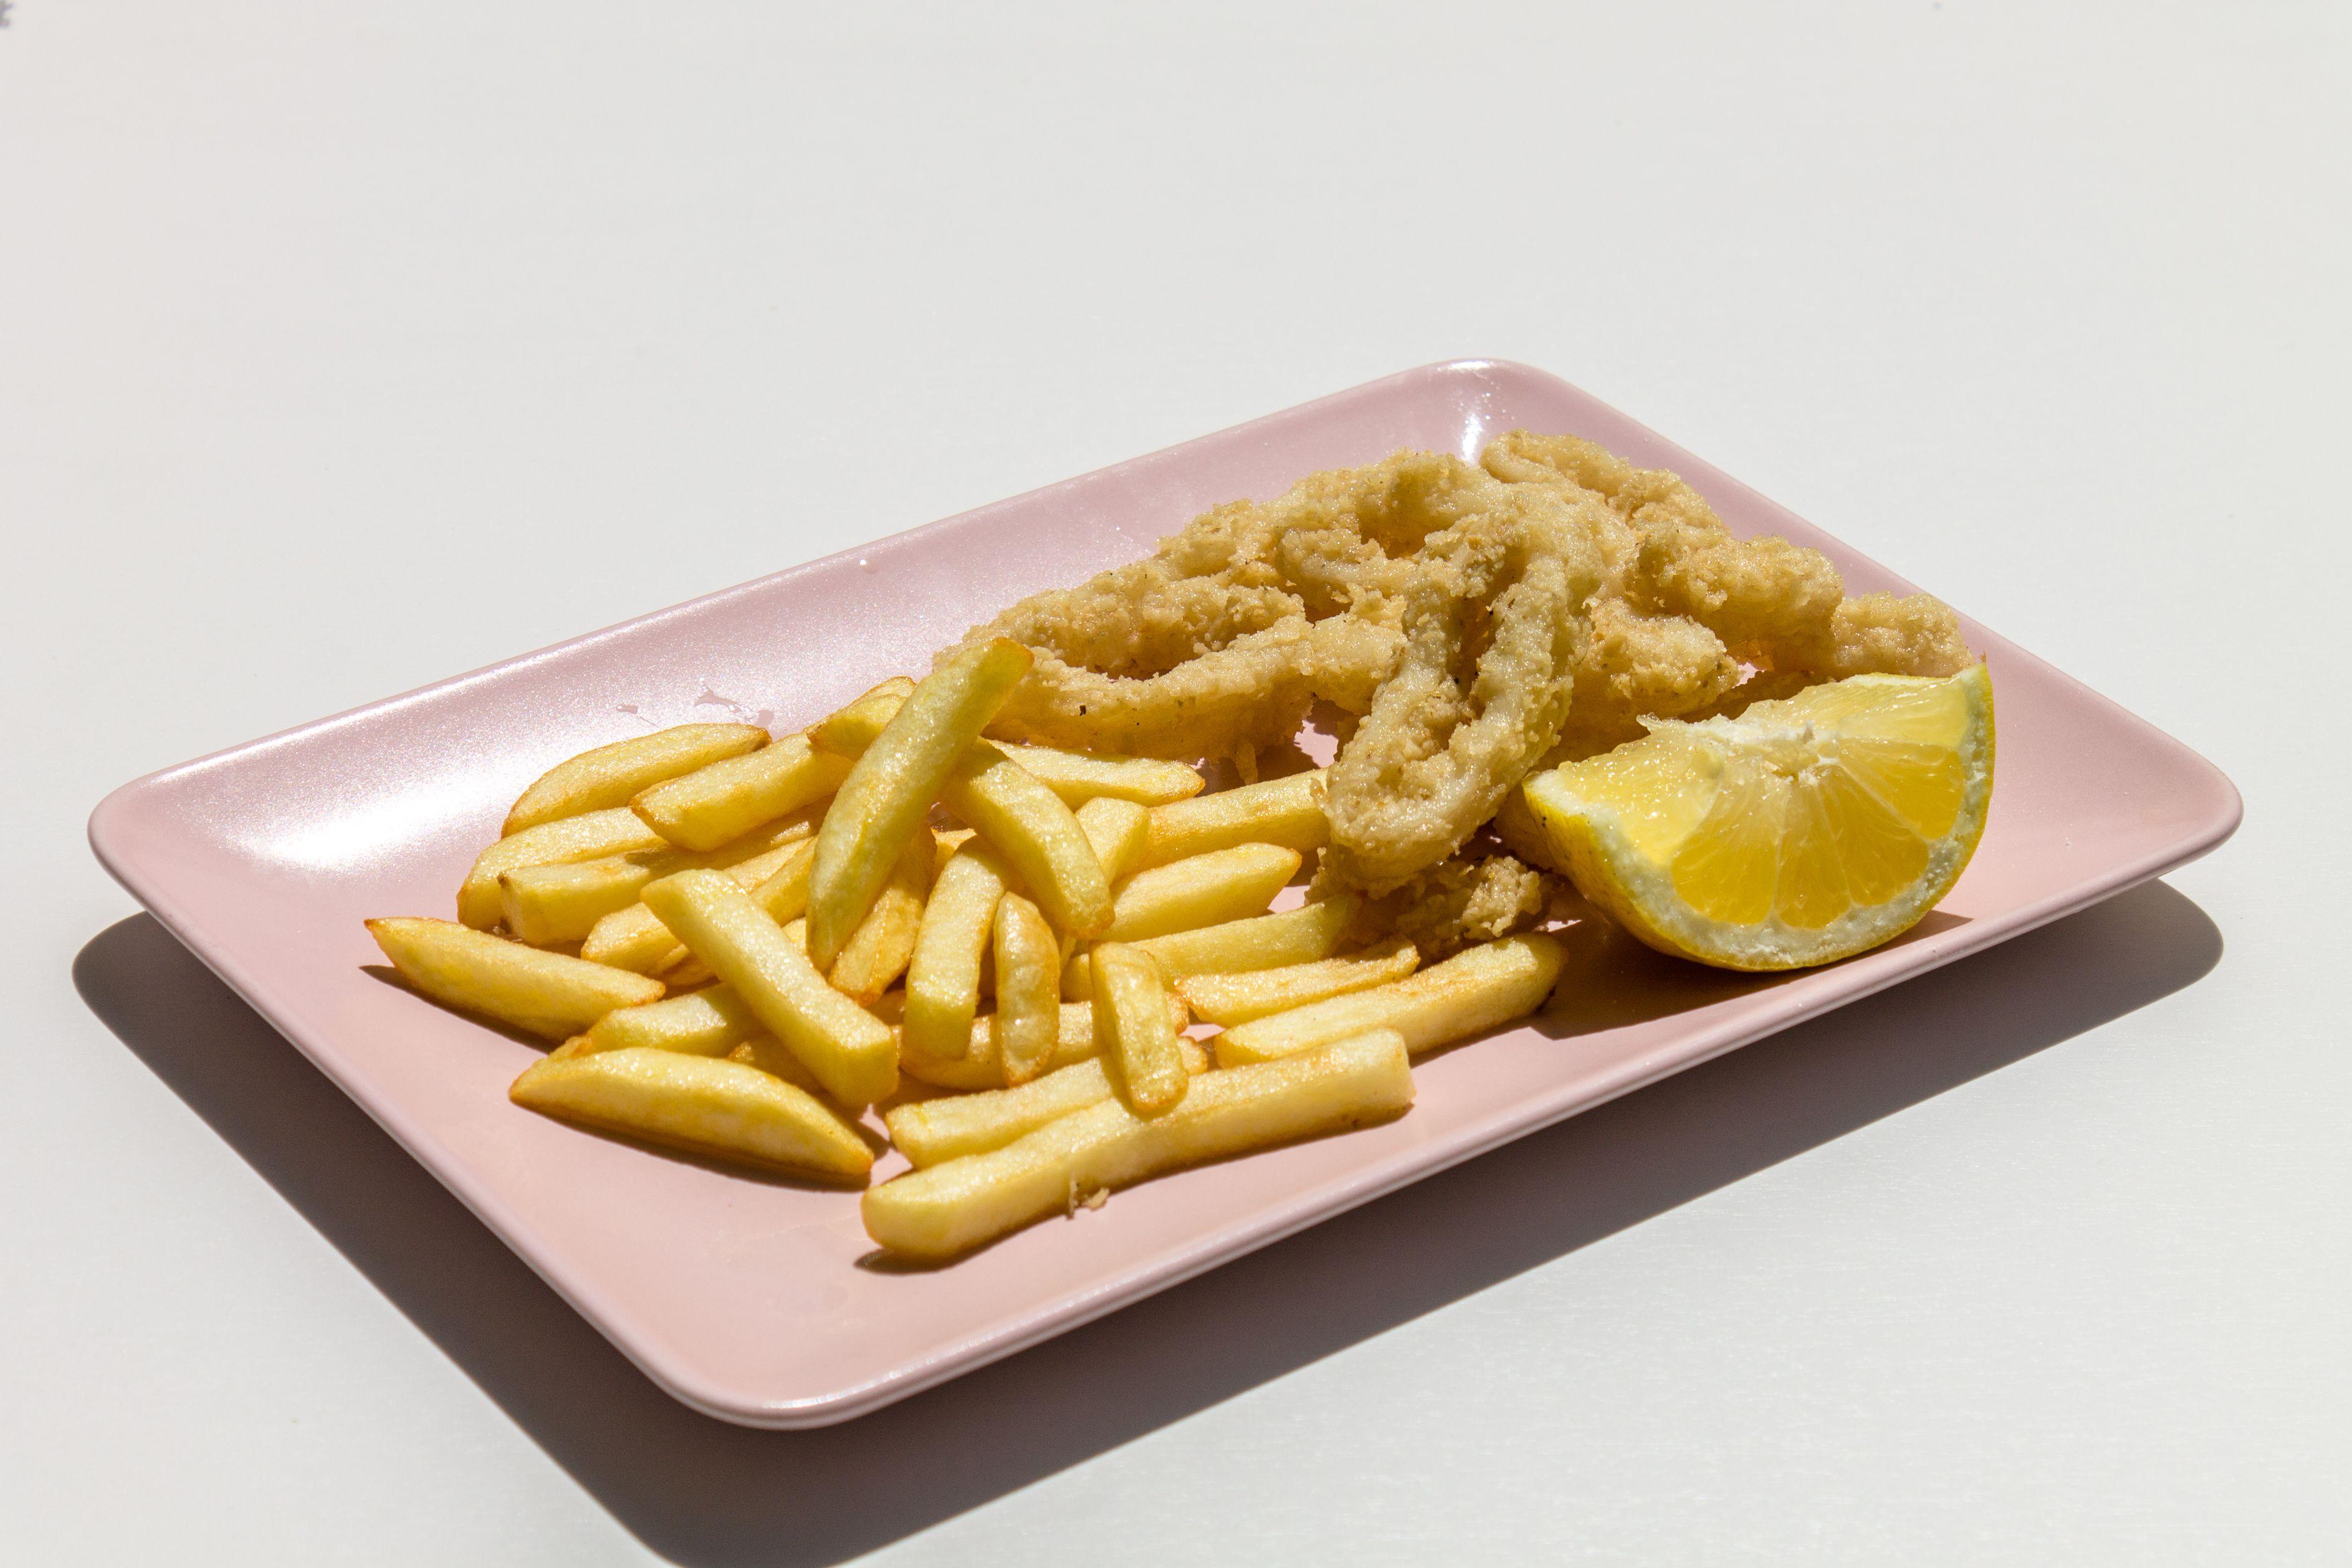 Calamares con limón